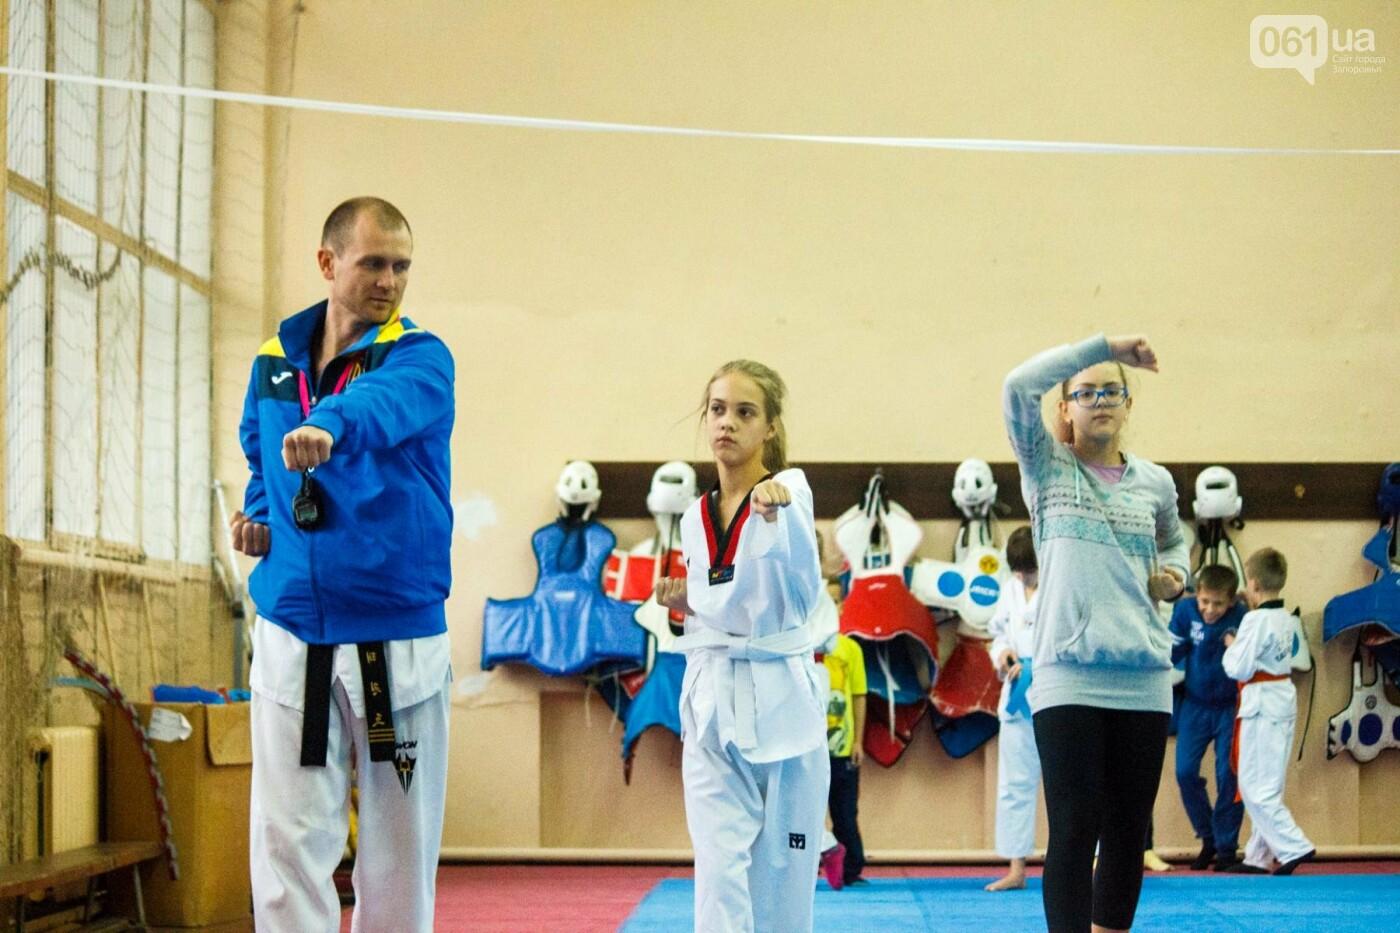 В Запорожье пятикратная чемпионка мира живет у подруги и не может собрать деньги на операцию: история Виктории Марчук, фото-10